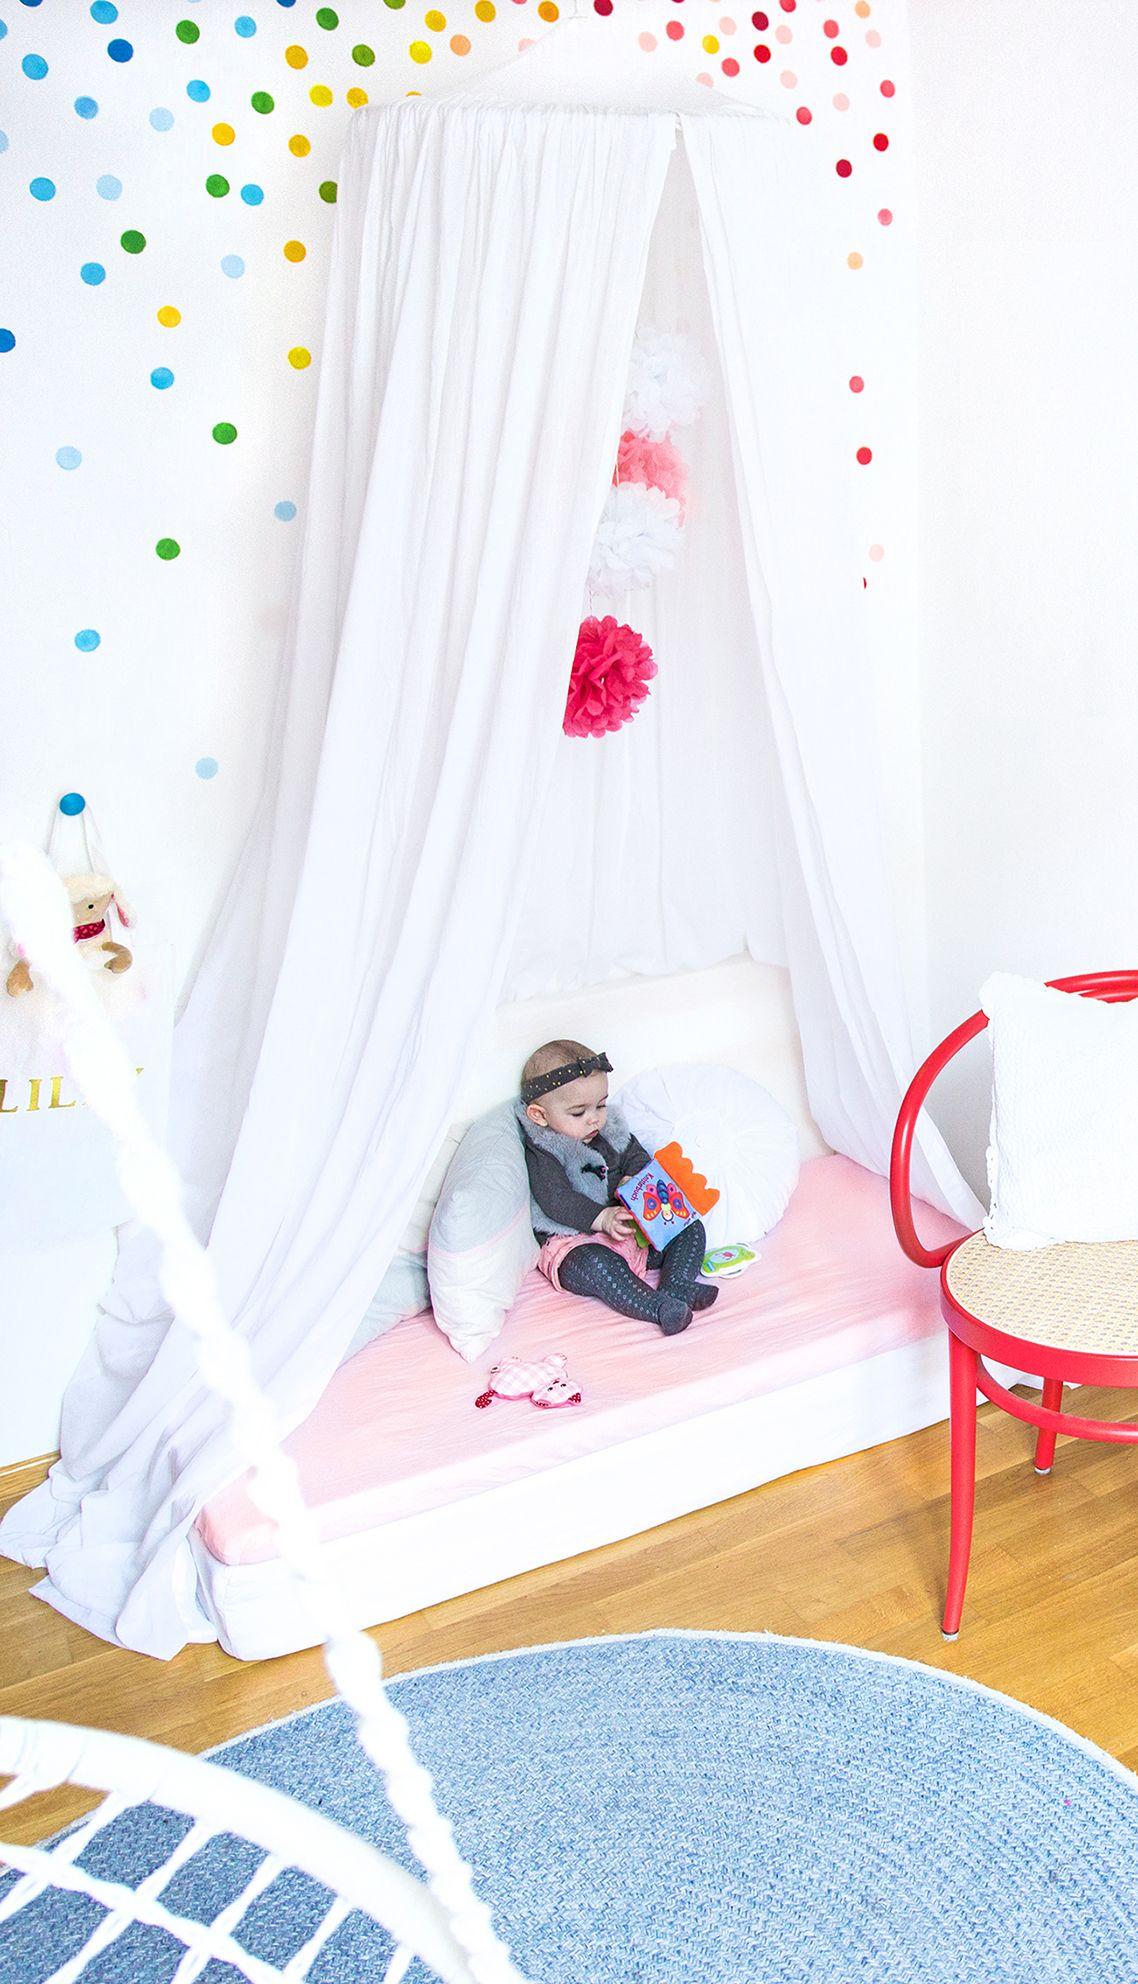 Full Size of Günstige Kinderzimmer Ideen Meine Drei Liebsten Diy Tipps Fr Eine Sofa Betten Günstiges 140x200 Schlafzimmer Fenster Bett Regal Komplett Küche Mit E Kinderzimmer Günstige Kinderzimmer